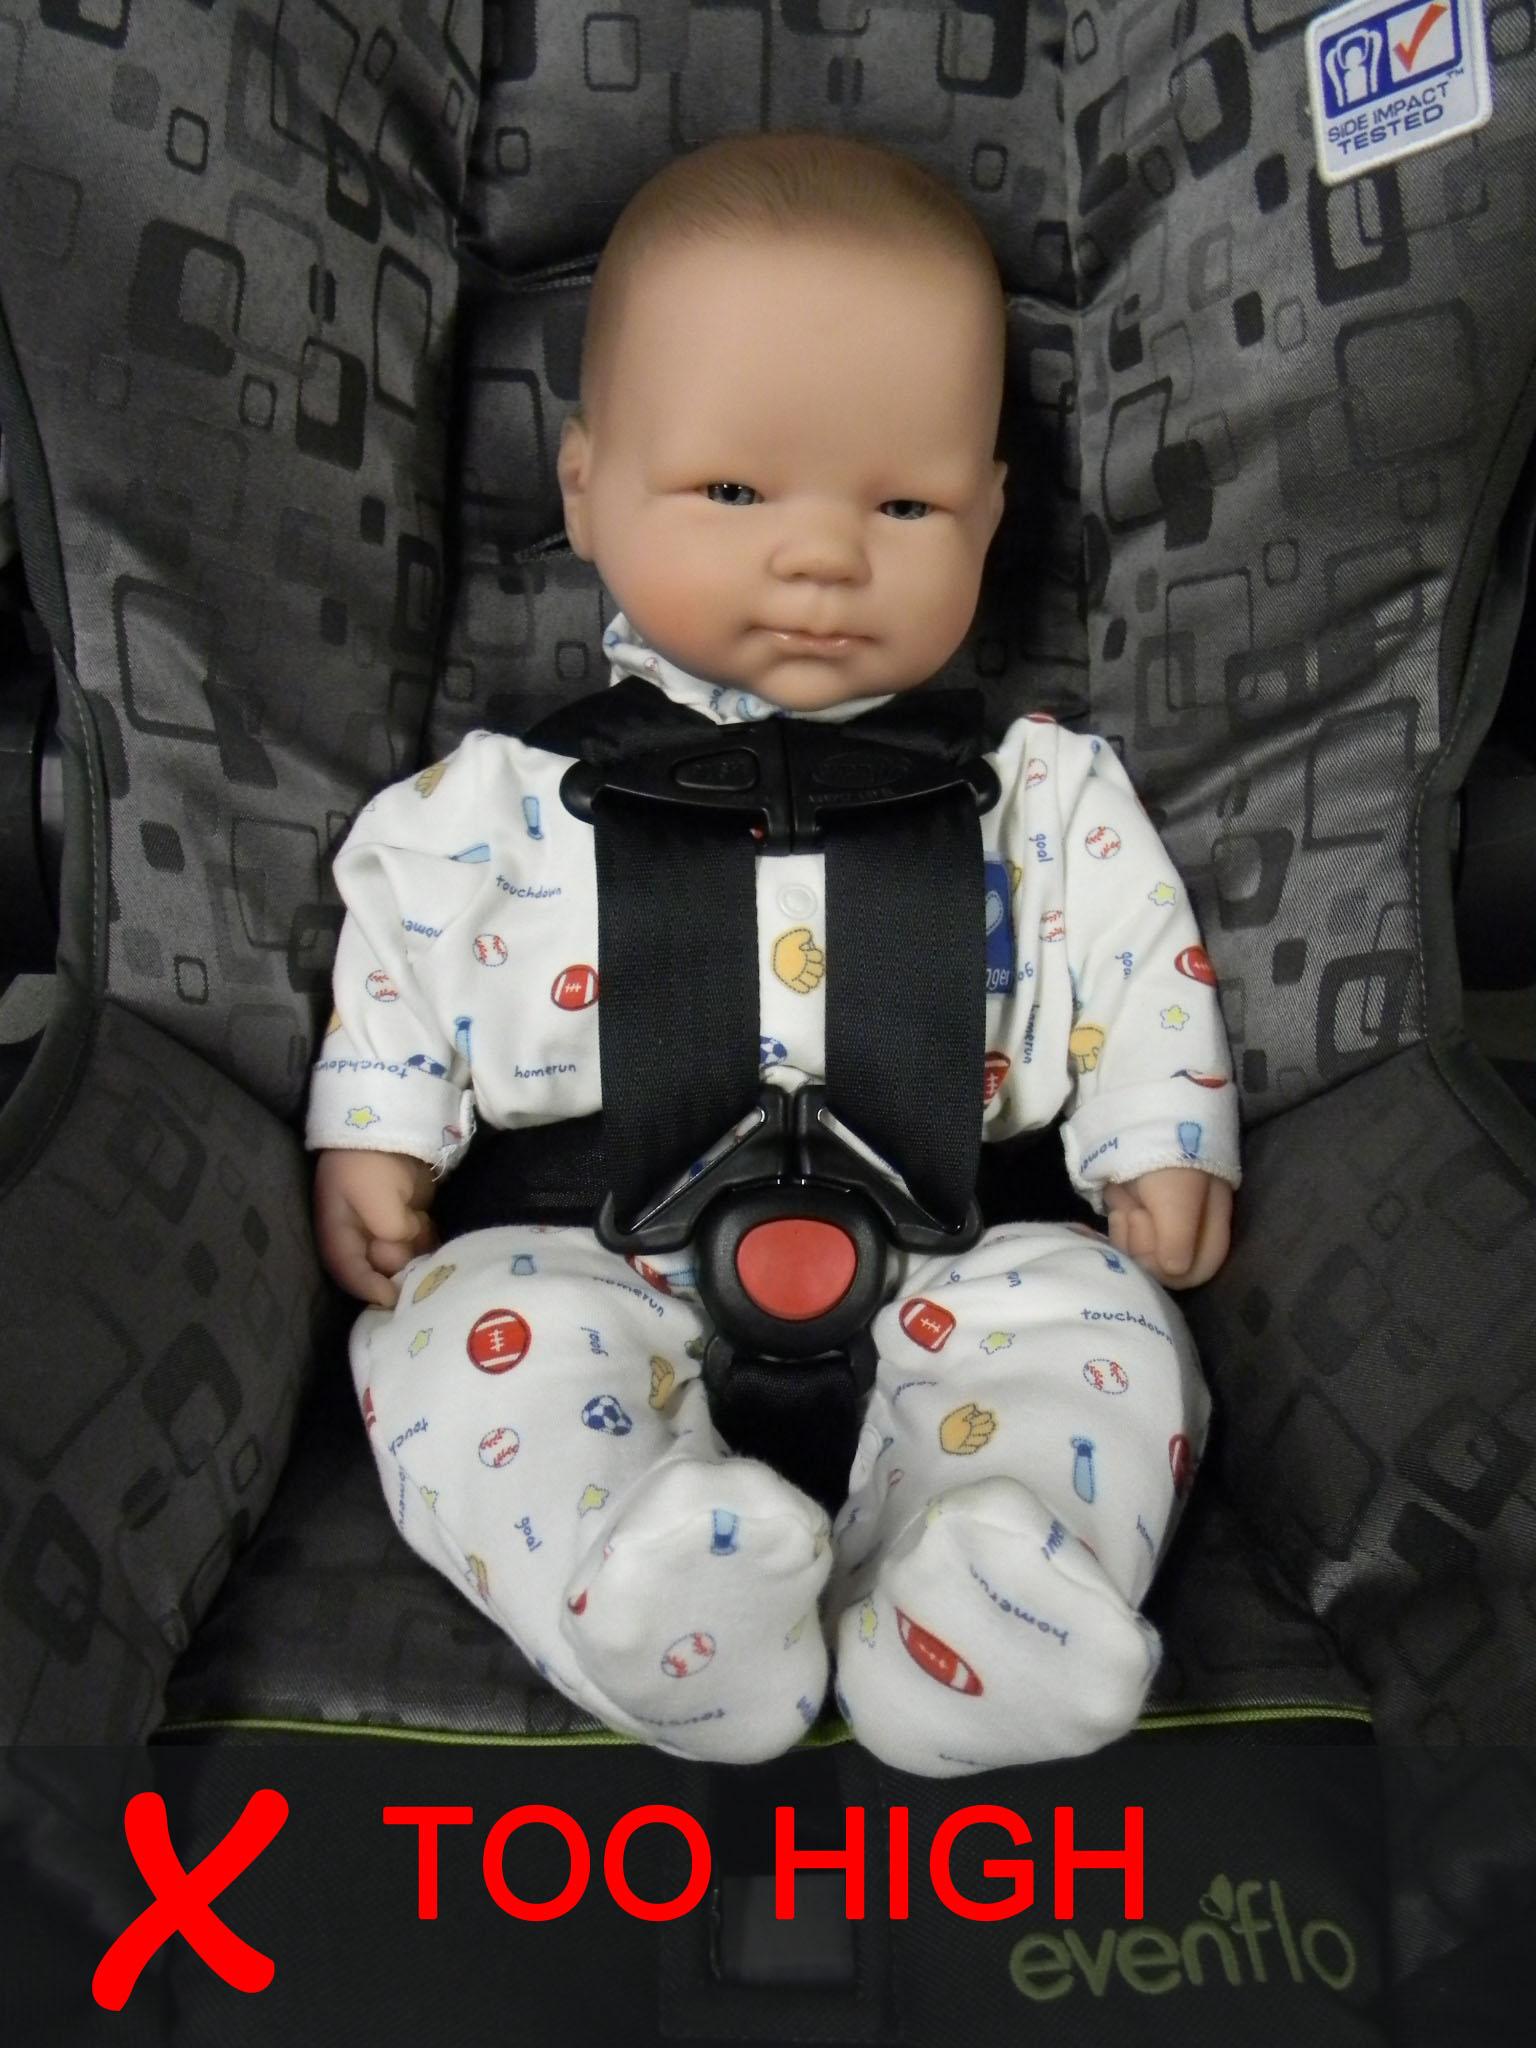 Infant Car Seat Placement